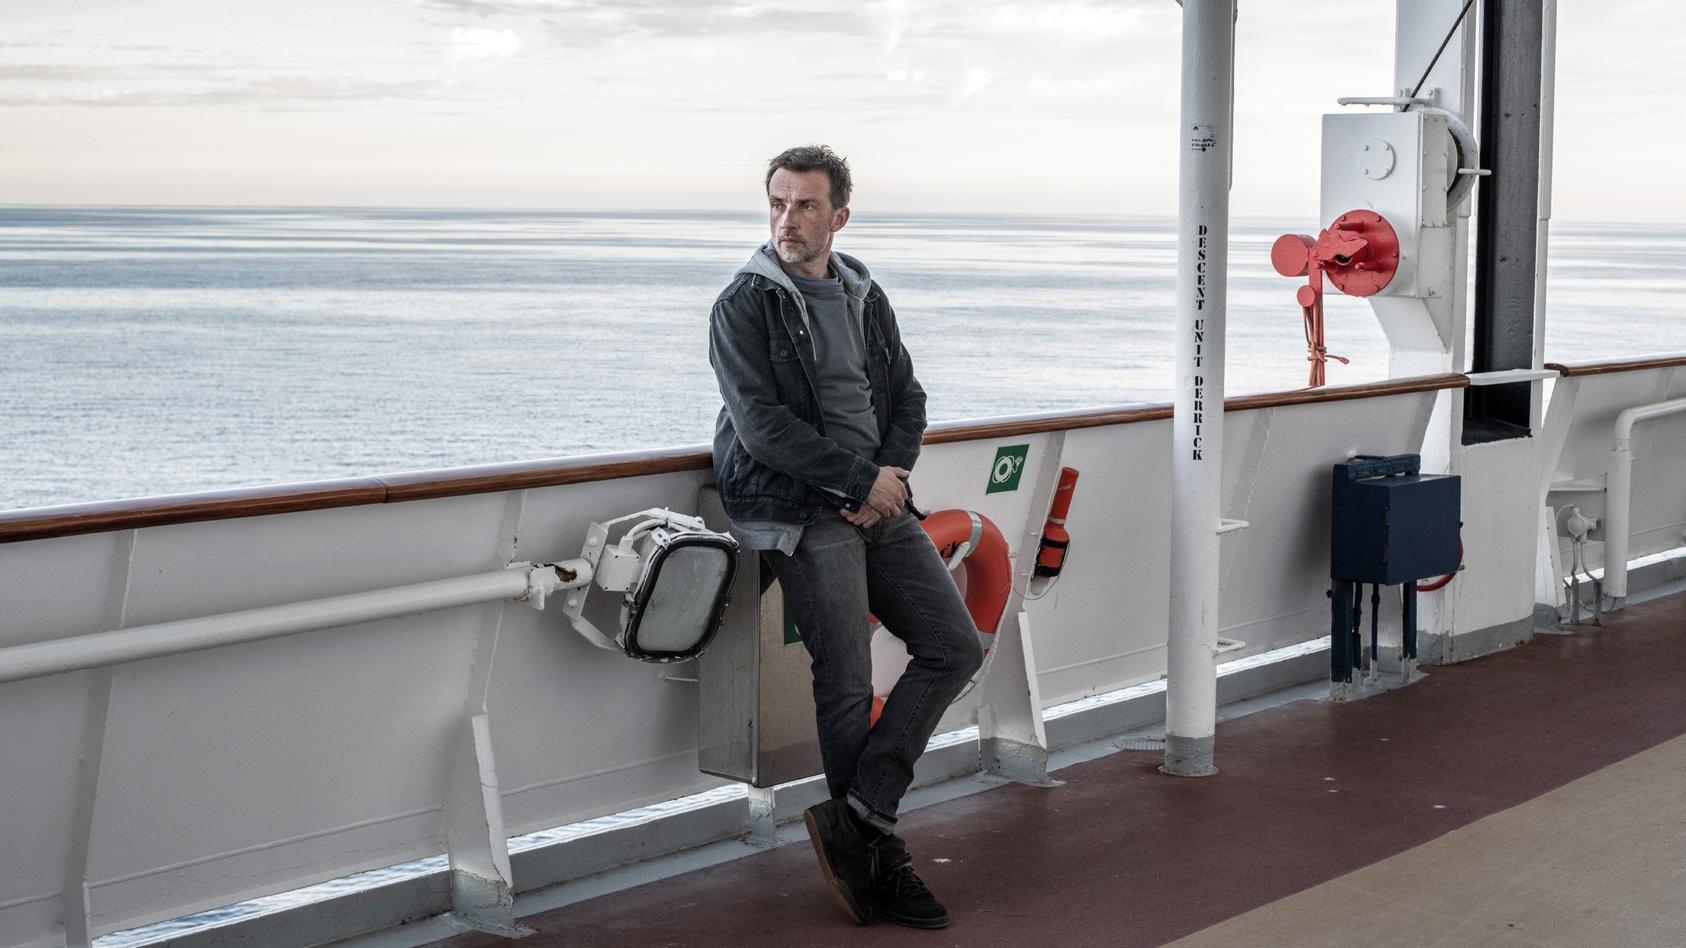 Der Polizeipsychologe Martin Schwartz (Lucas Gregorowicz) hat vor Jahren Frau und Sohn während einer Reise auf einem Kreuzfahrtschiff verloren - niemand weiß, was genau geschah.